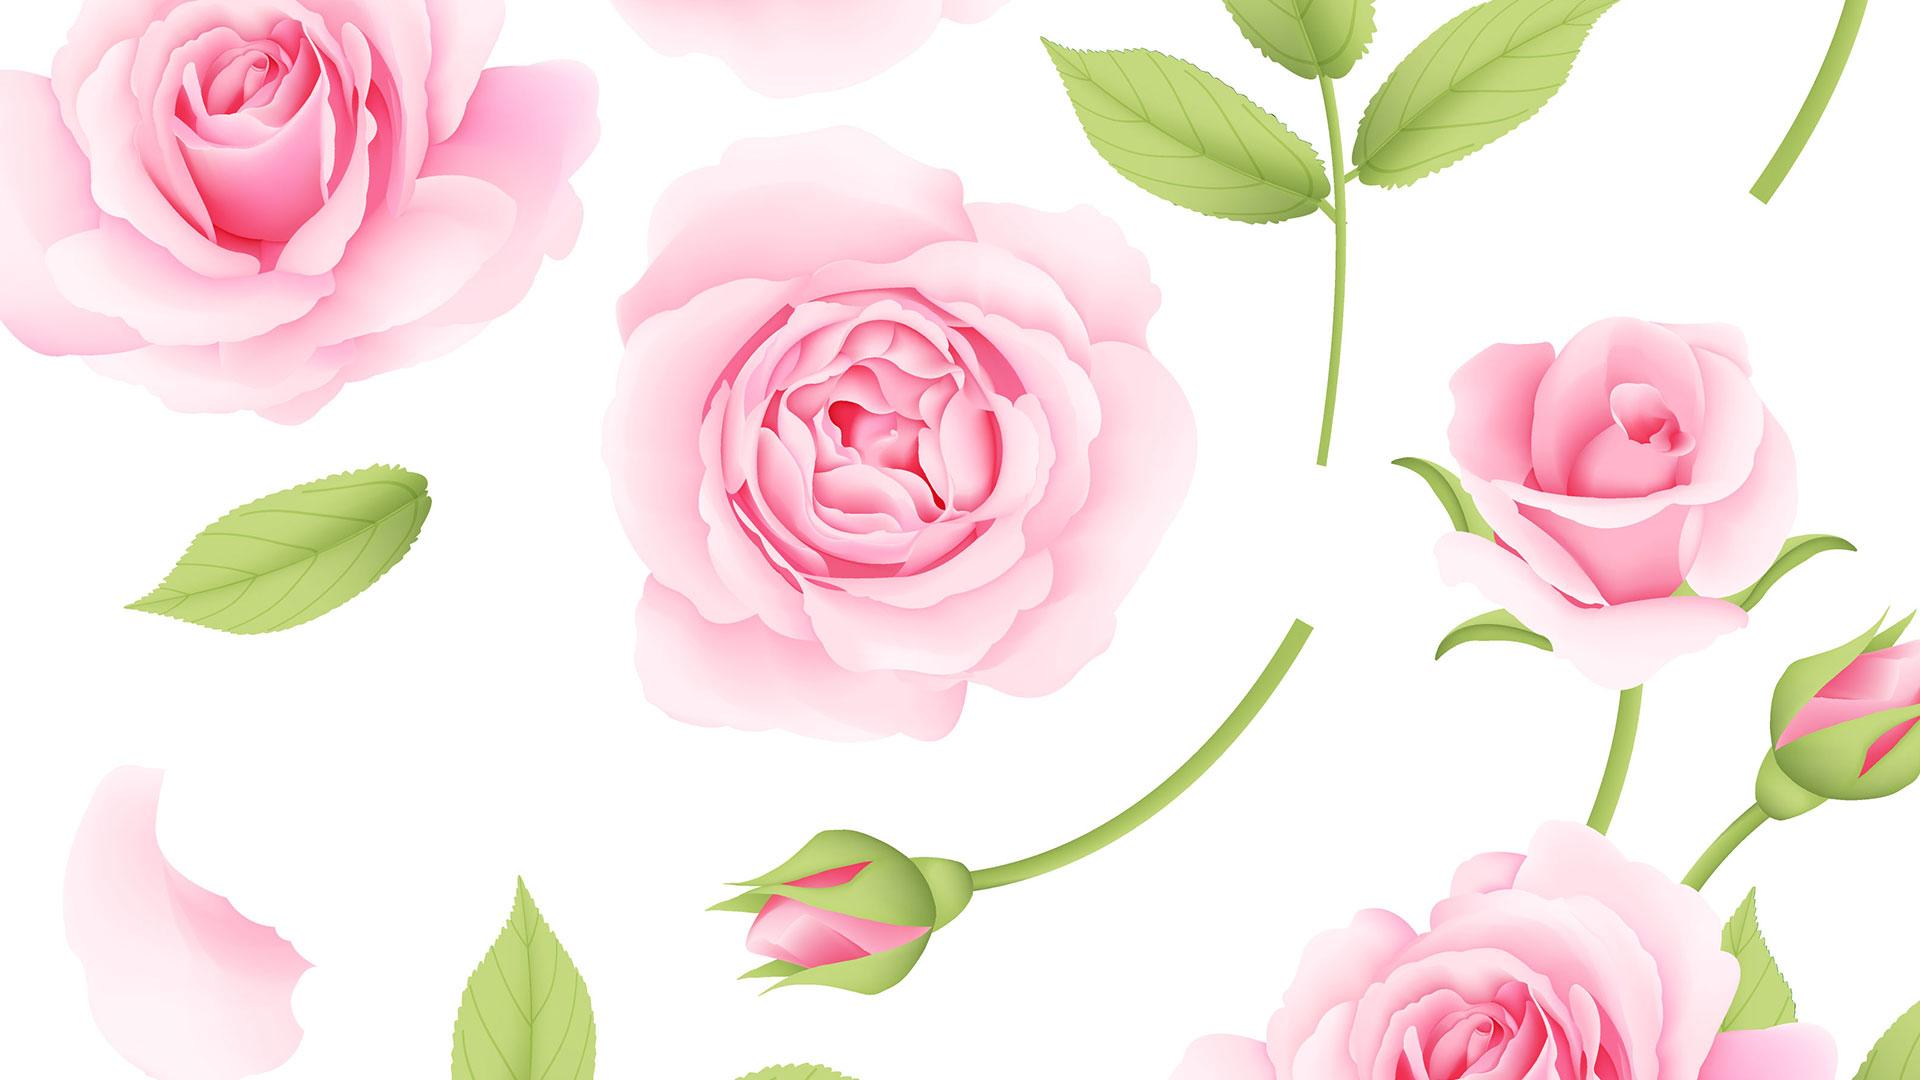 Видео мастер-класс «Как нарисовать розу маркером»